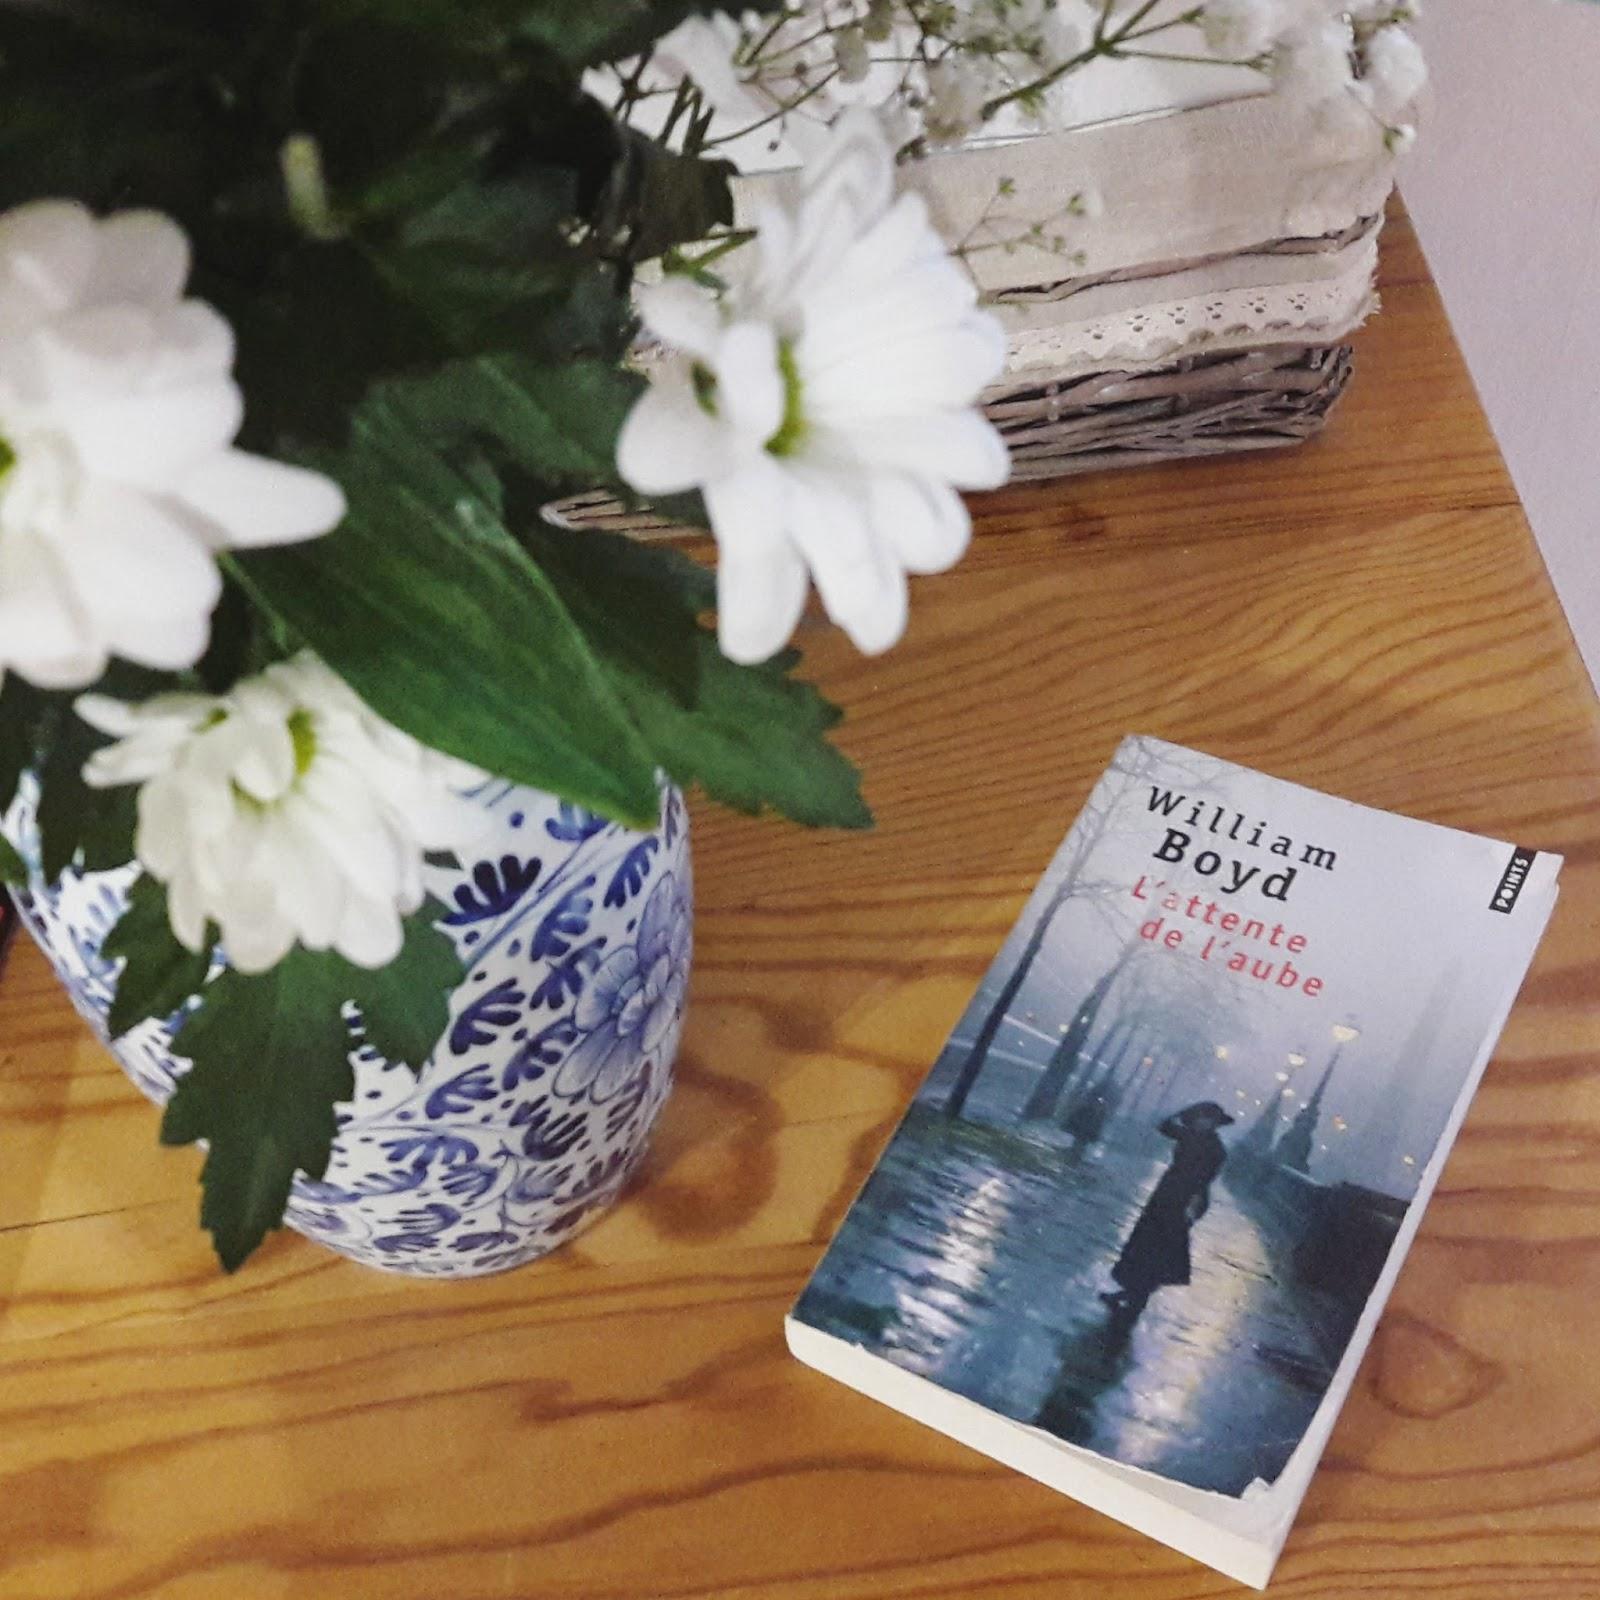 L'attente de l'aube de William Boyd